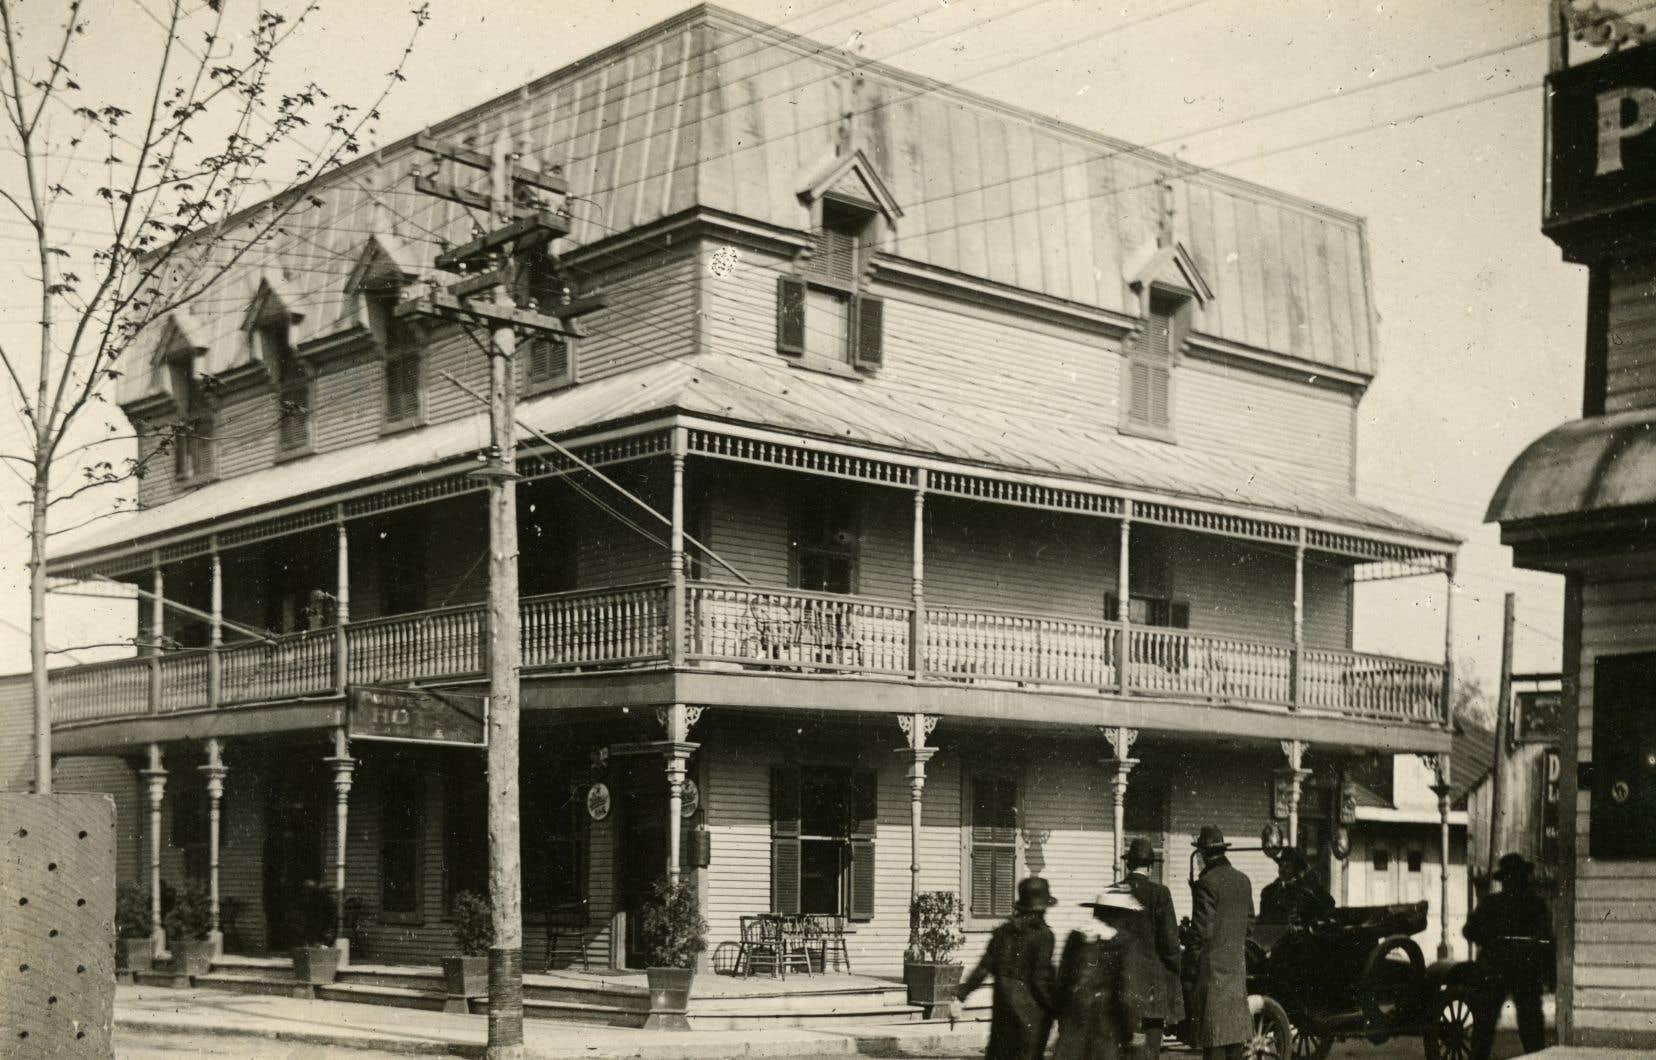 Nous avons récemment appris que la démolition de l'Hôtel Pointe-Claire/le Pionnier, bâtiment fiché d'intérêt patrimonial, était envisagée, se désole l'auteur.